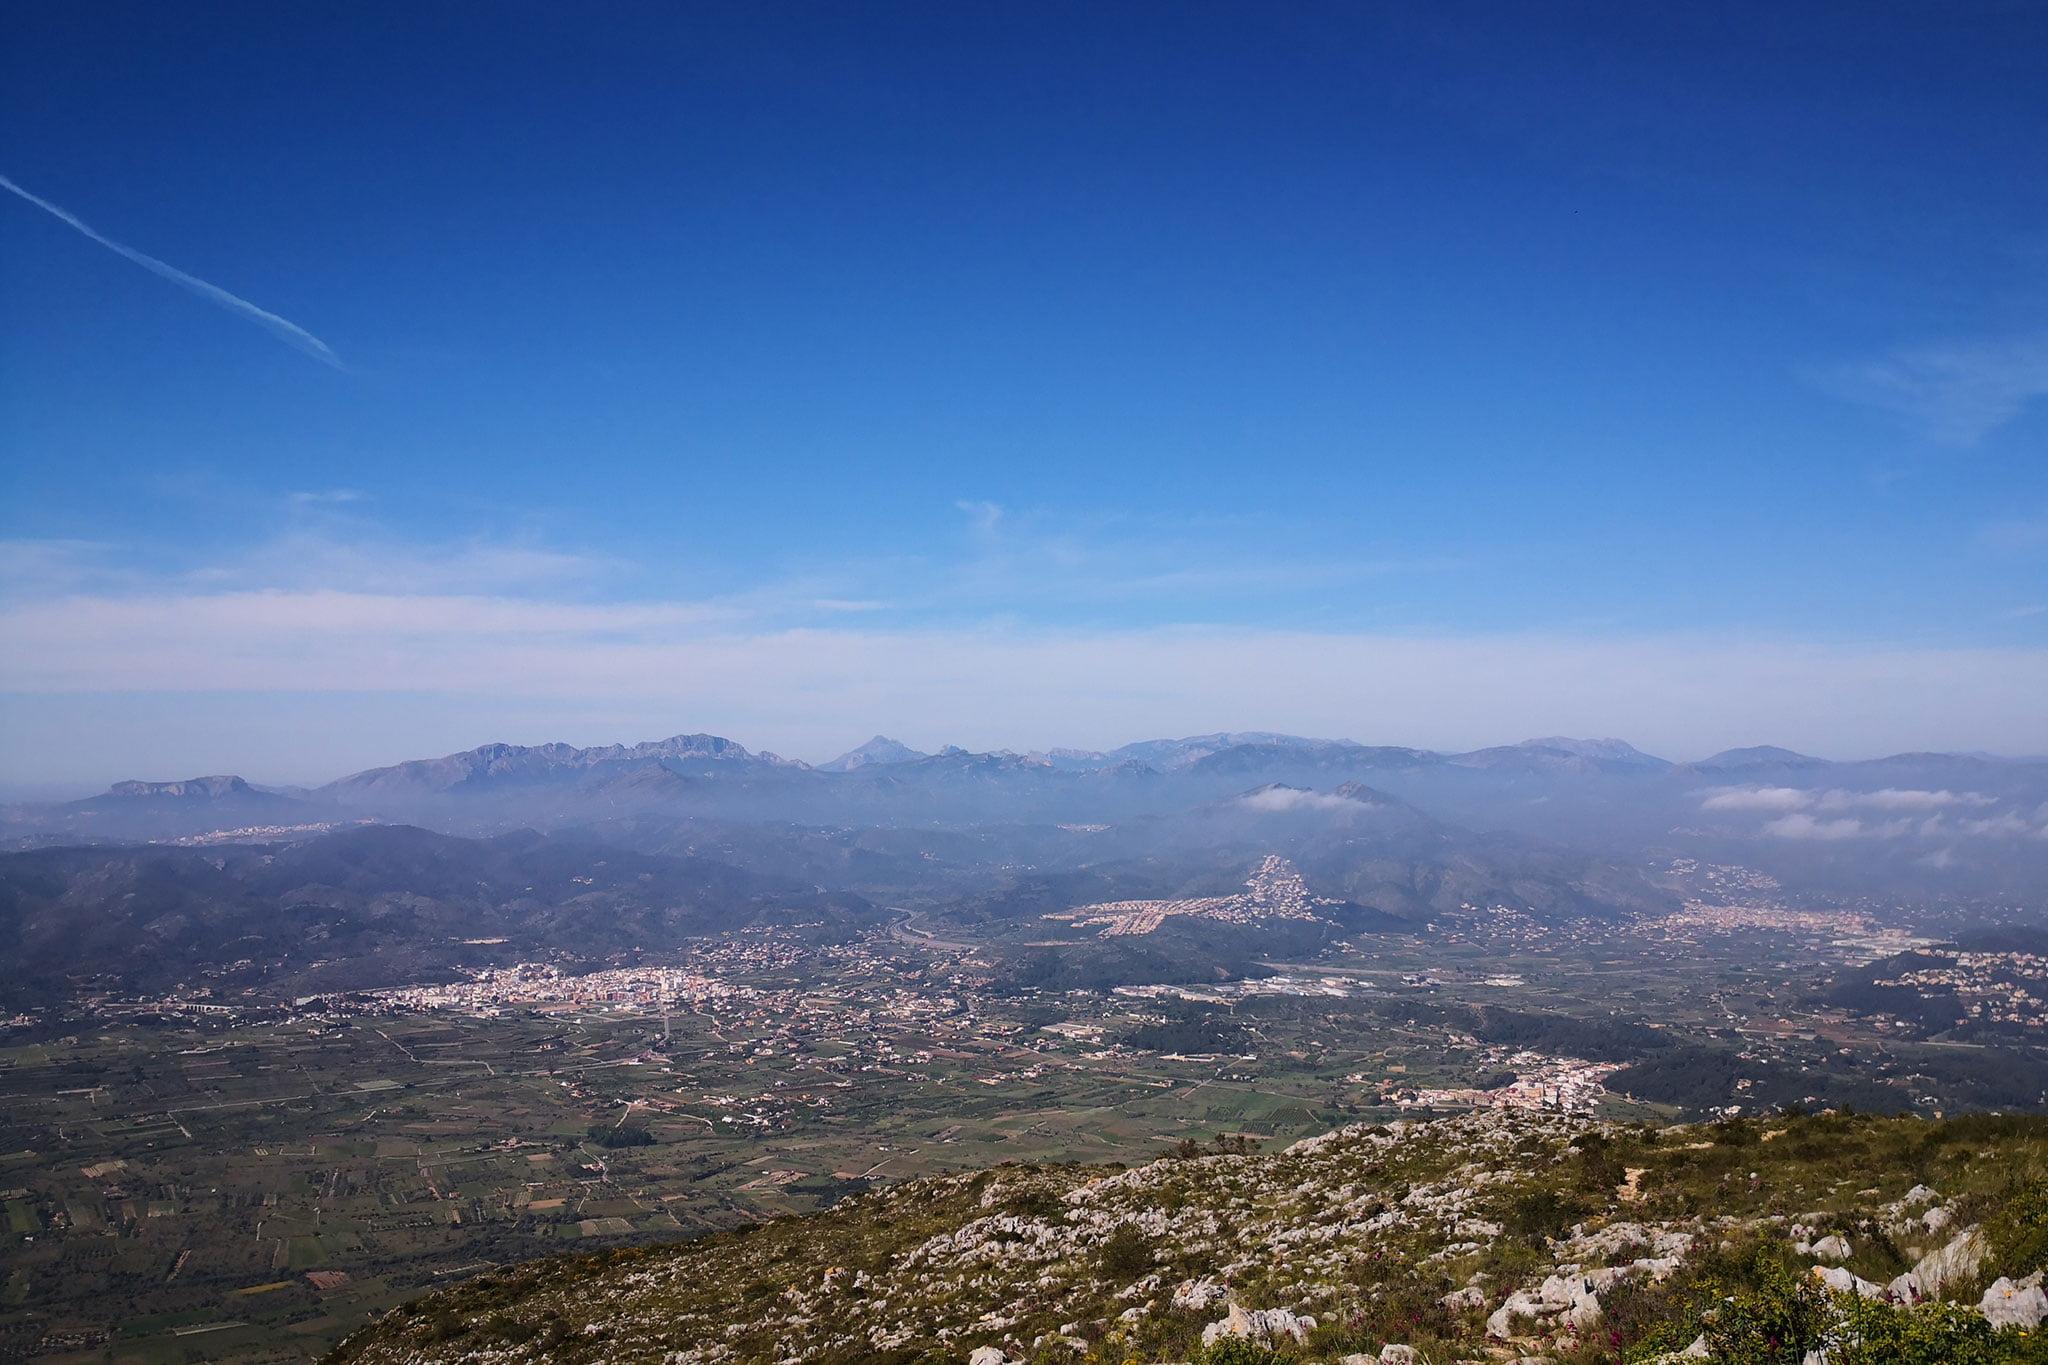 Vistas hacia Gata de Gorgos y Jesús Pobre en la ruta de ascenso a la Creueta del Montgó